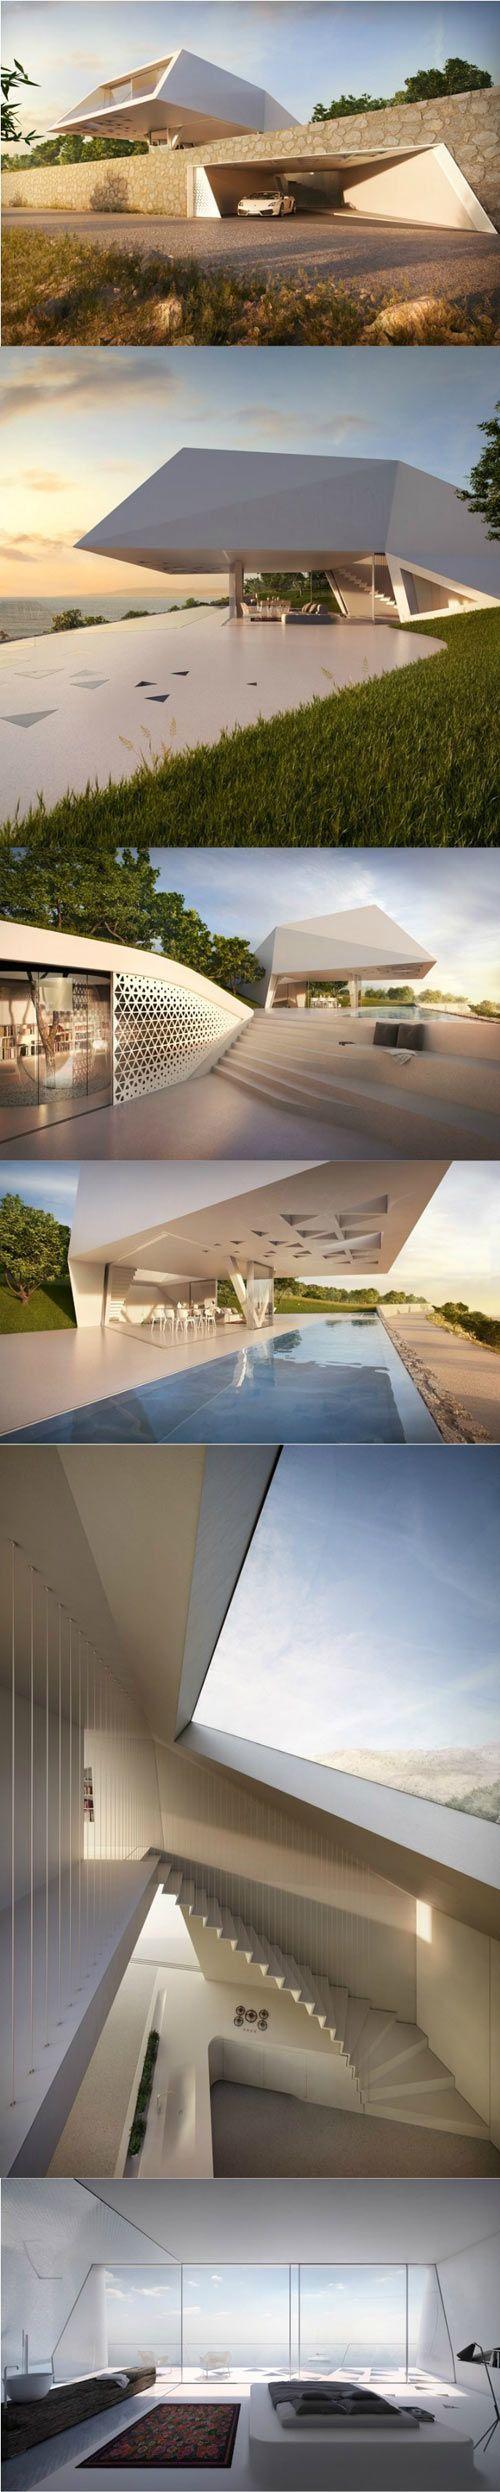 Villa F / Rhodes, Greece, by Peter Thomas Hornung, Elsa Katharina Jacobi and Jan Escher